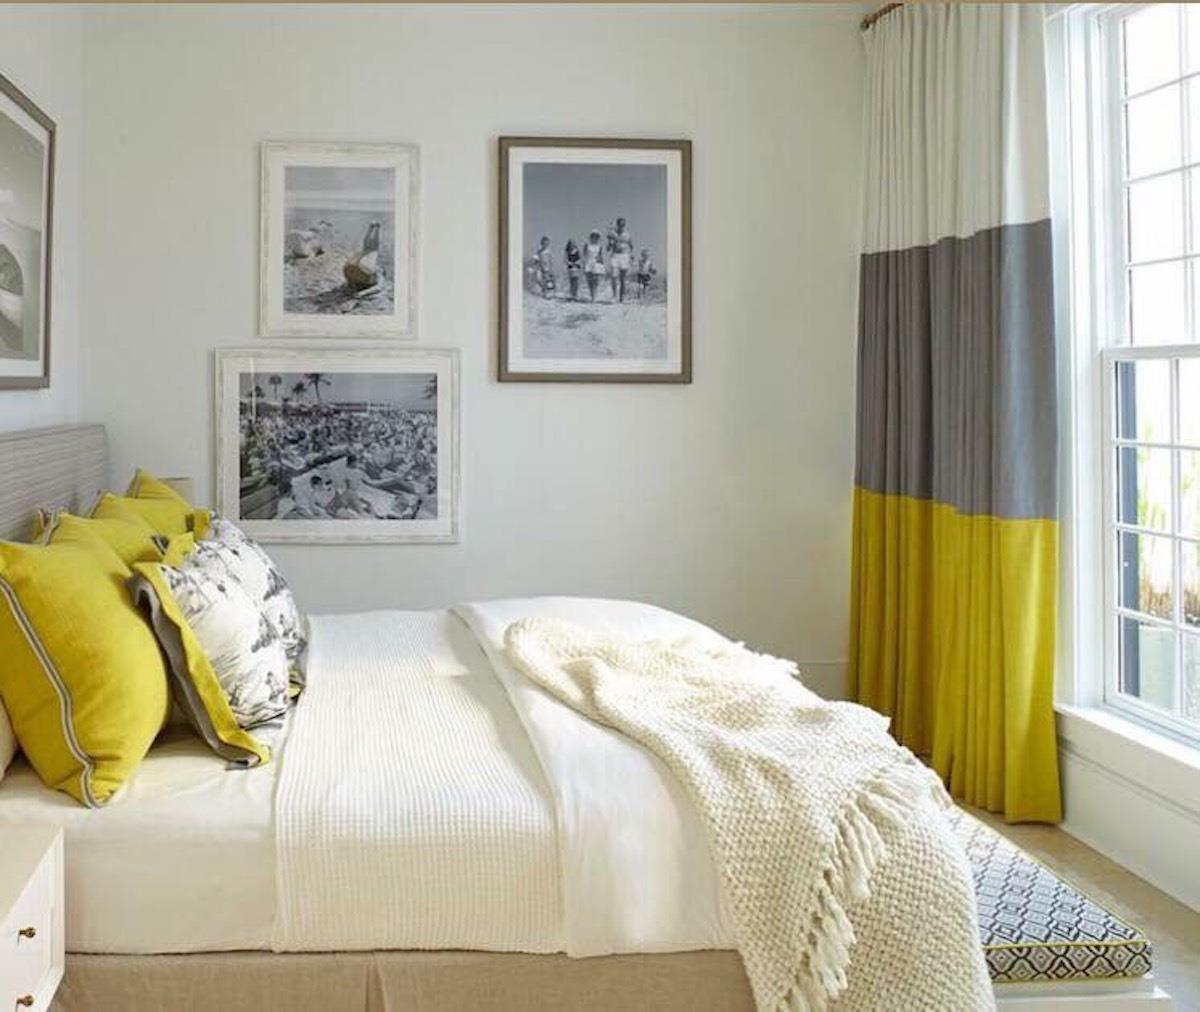 臥室窗簾選購小祕技 擁抱室內美好光影